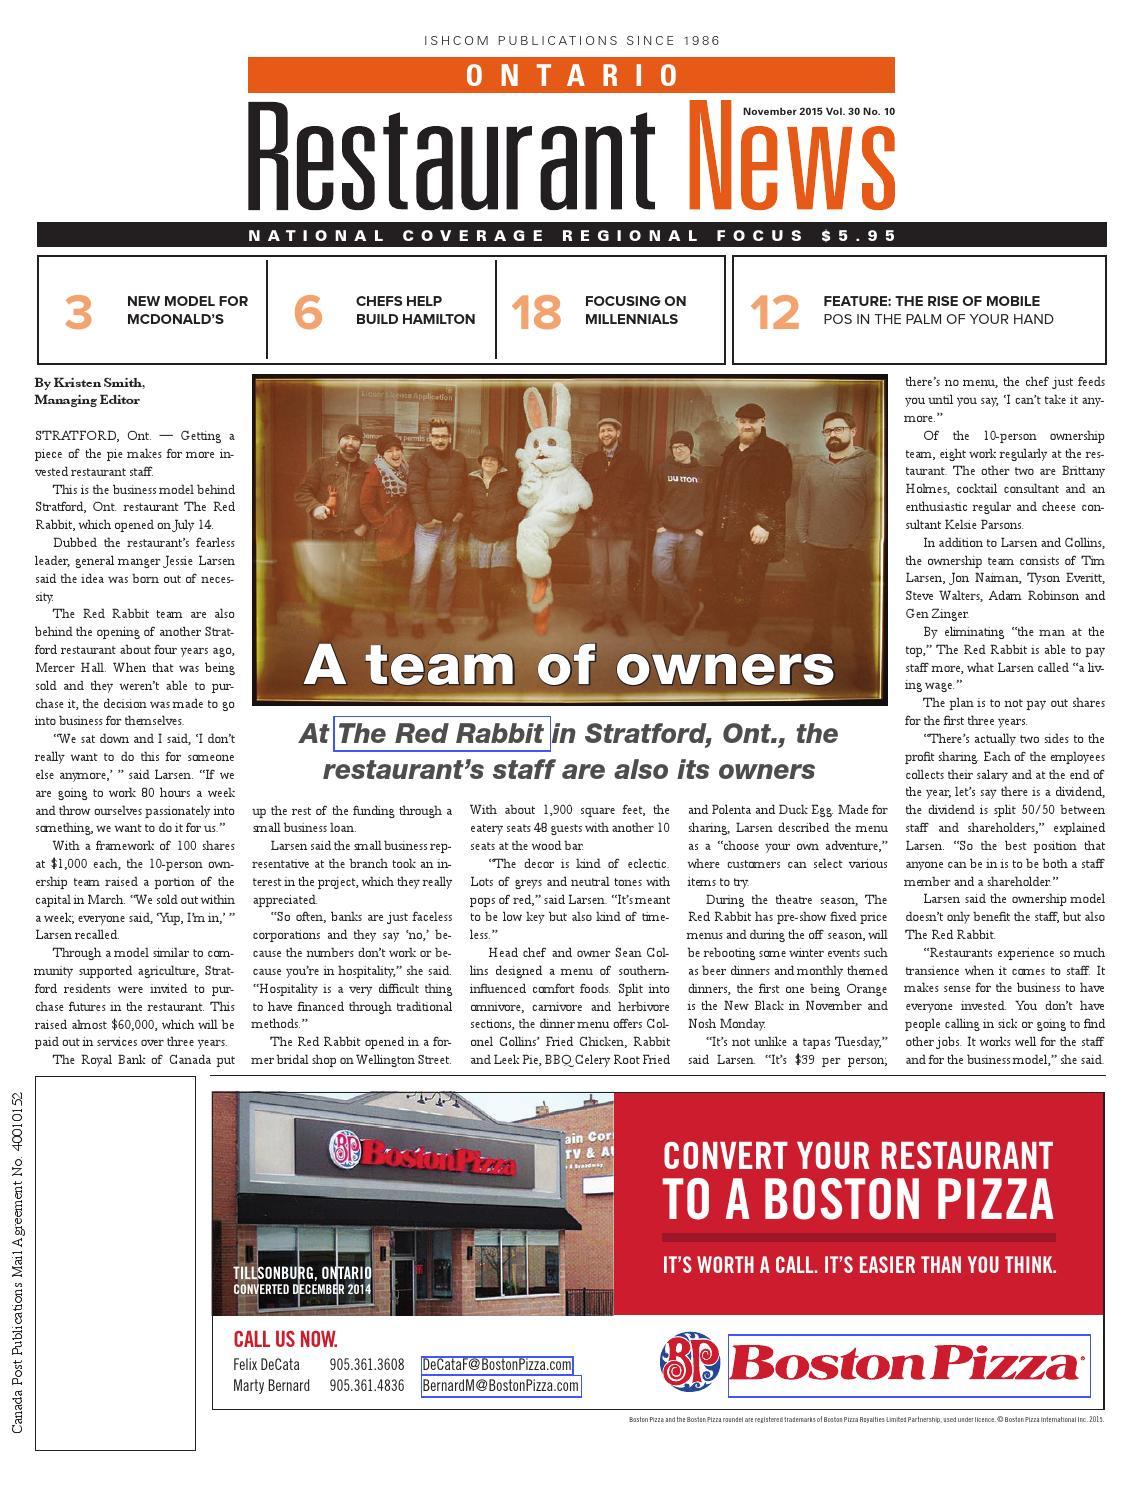 Ontario Restaurant News - November 2015 by Ishcom Publications - issuu